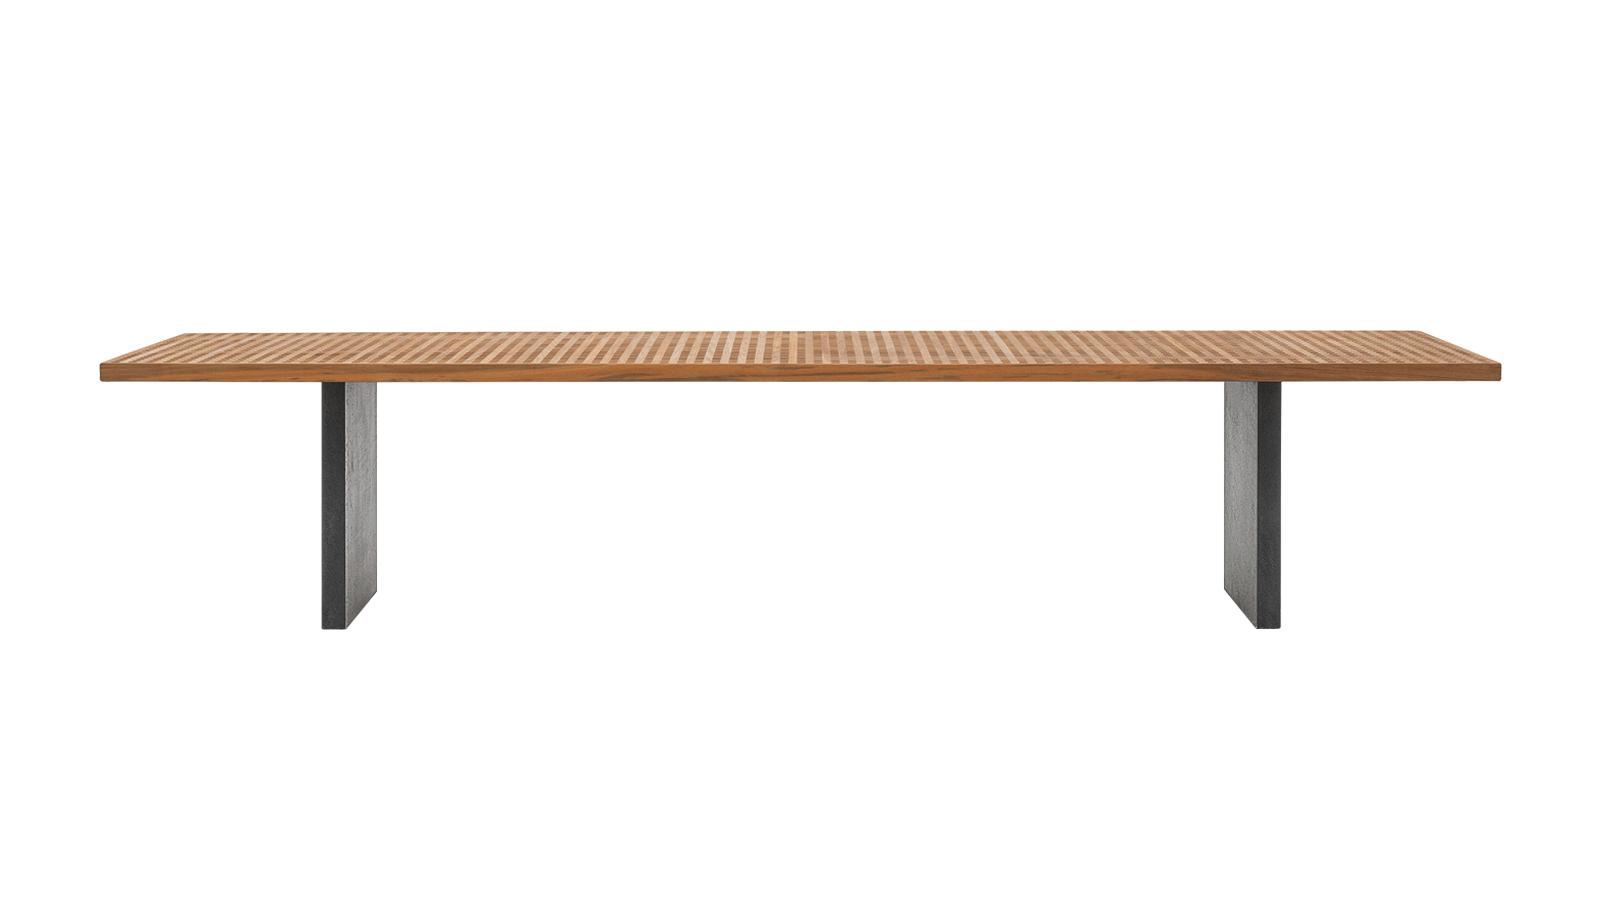 A hajózás szerelmeseit ismerős érzés foghatja el a Quadrado bútorok láttán: a Minotti kültéri kollekciójának tervezésekor Marcio Kogan a klasszikus, indiai tölgyből készült hajópallókat hívta inspirációul: a bútor alapját képező rácsos teakfastruktúra a víz hatékony elvezetését szolgálja, a Quadrado bútorai így nem csak stílusosak, de rendkívül praktikusak is. A sorozathoz tartozó asztalok három méretben kaphatók.